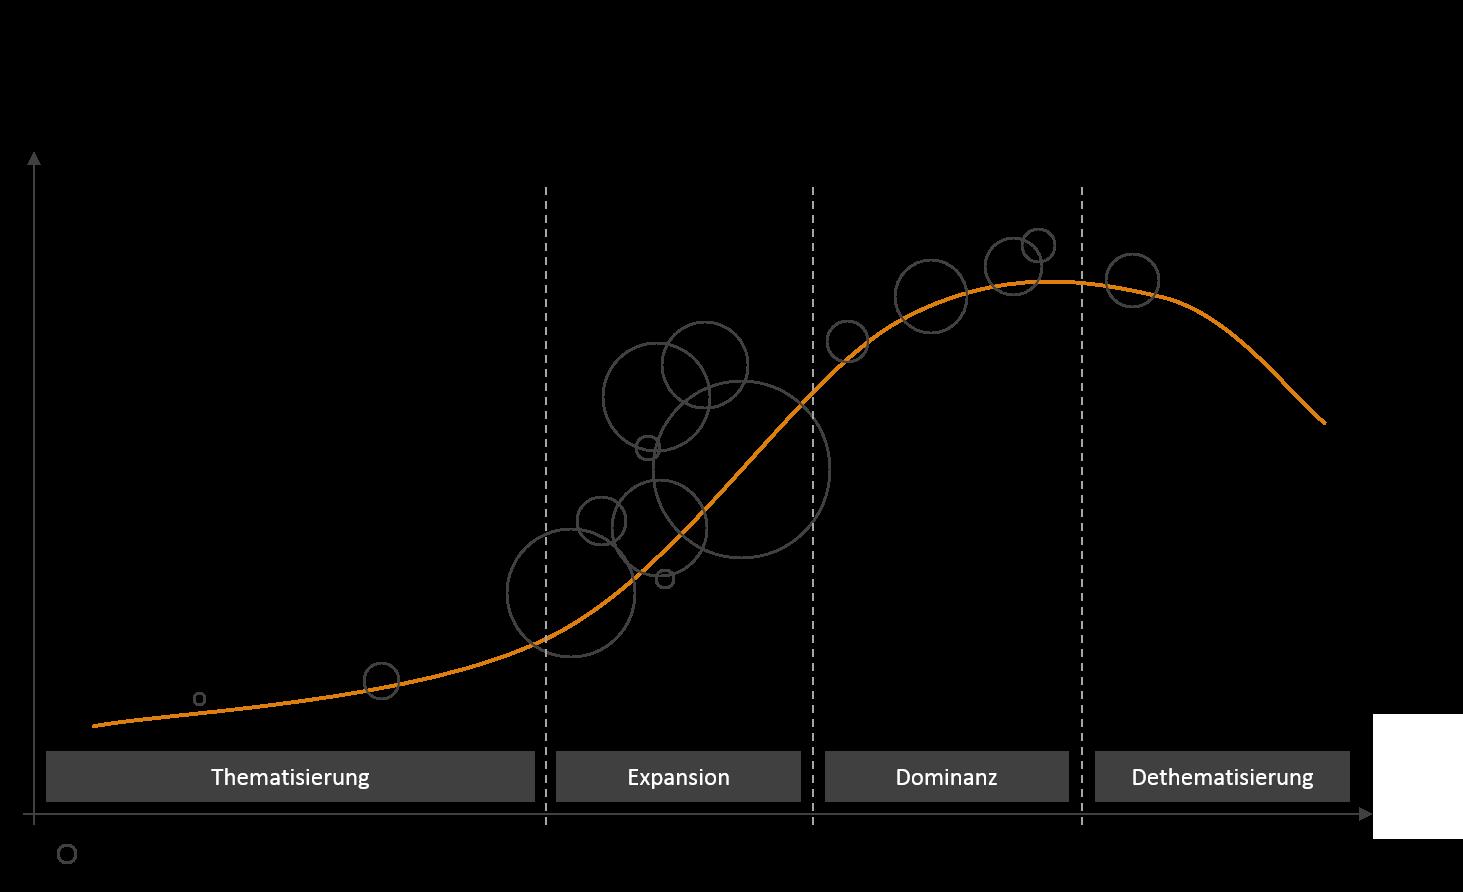 Lebenszyklus_2018